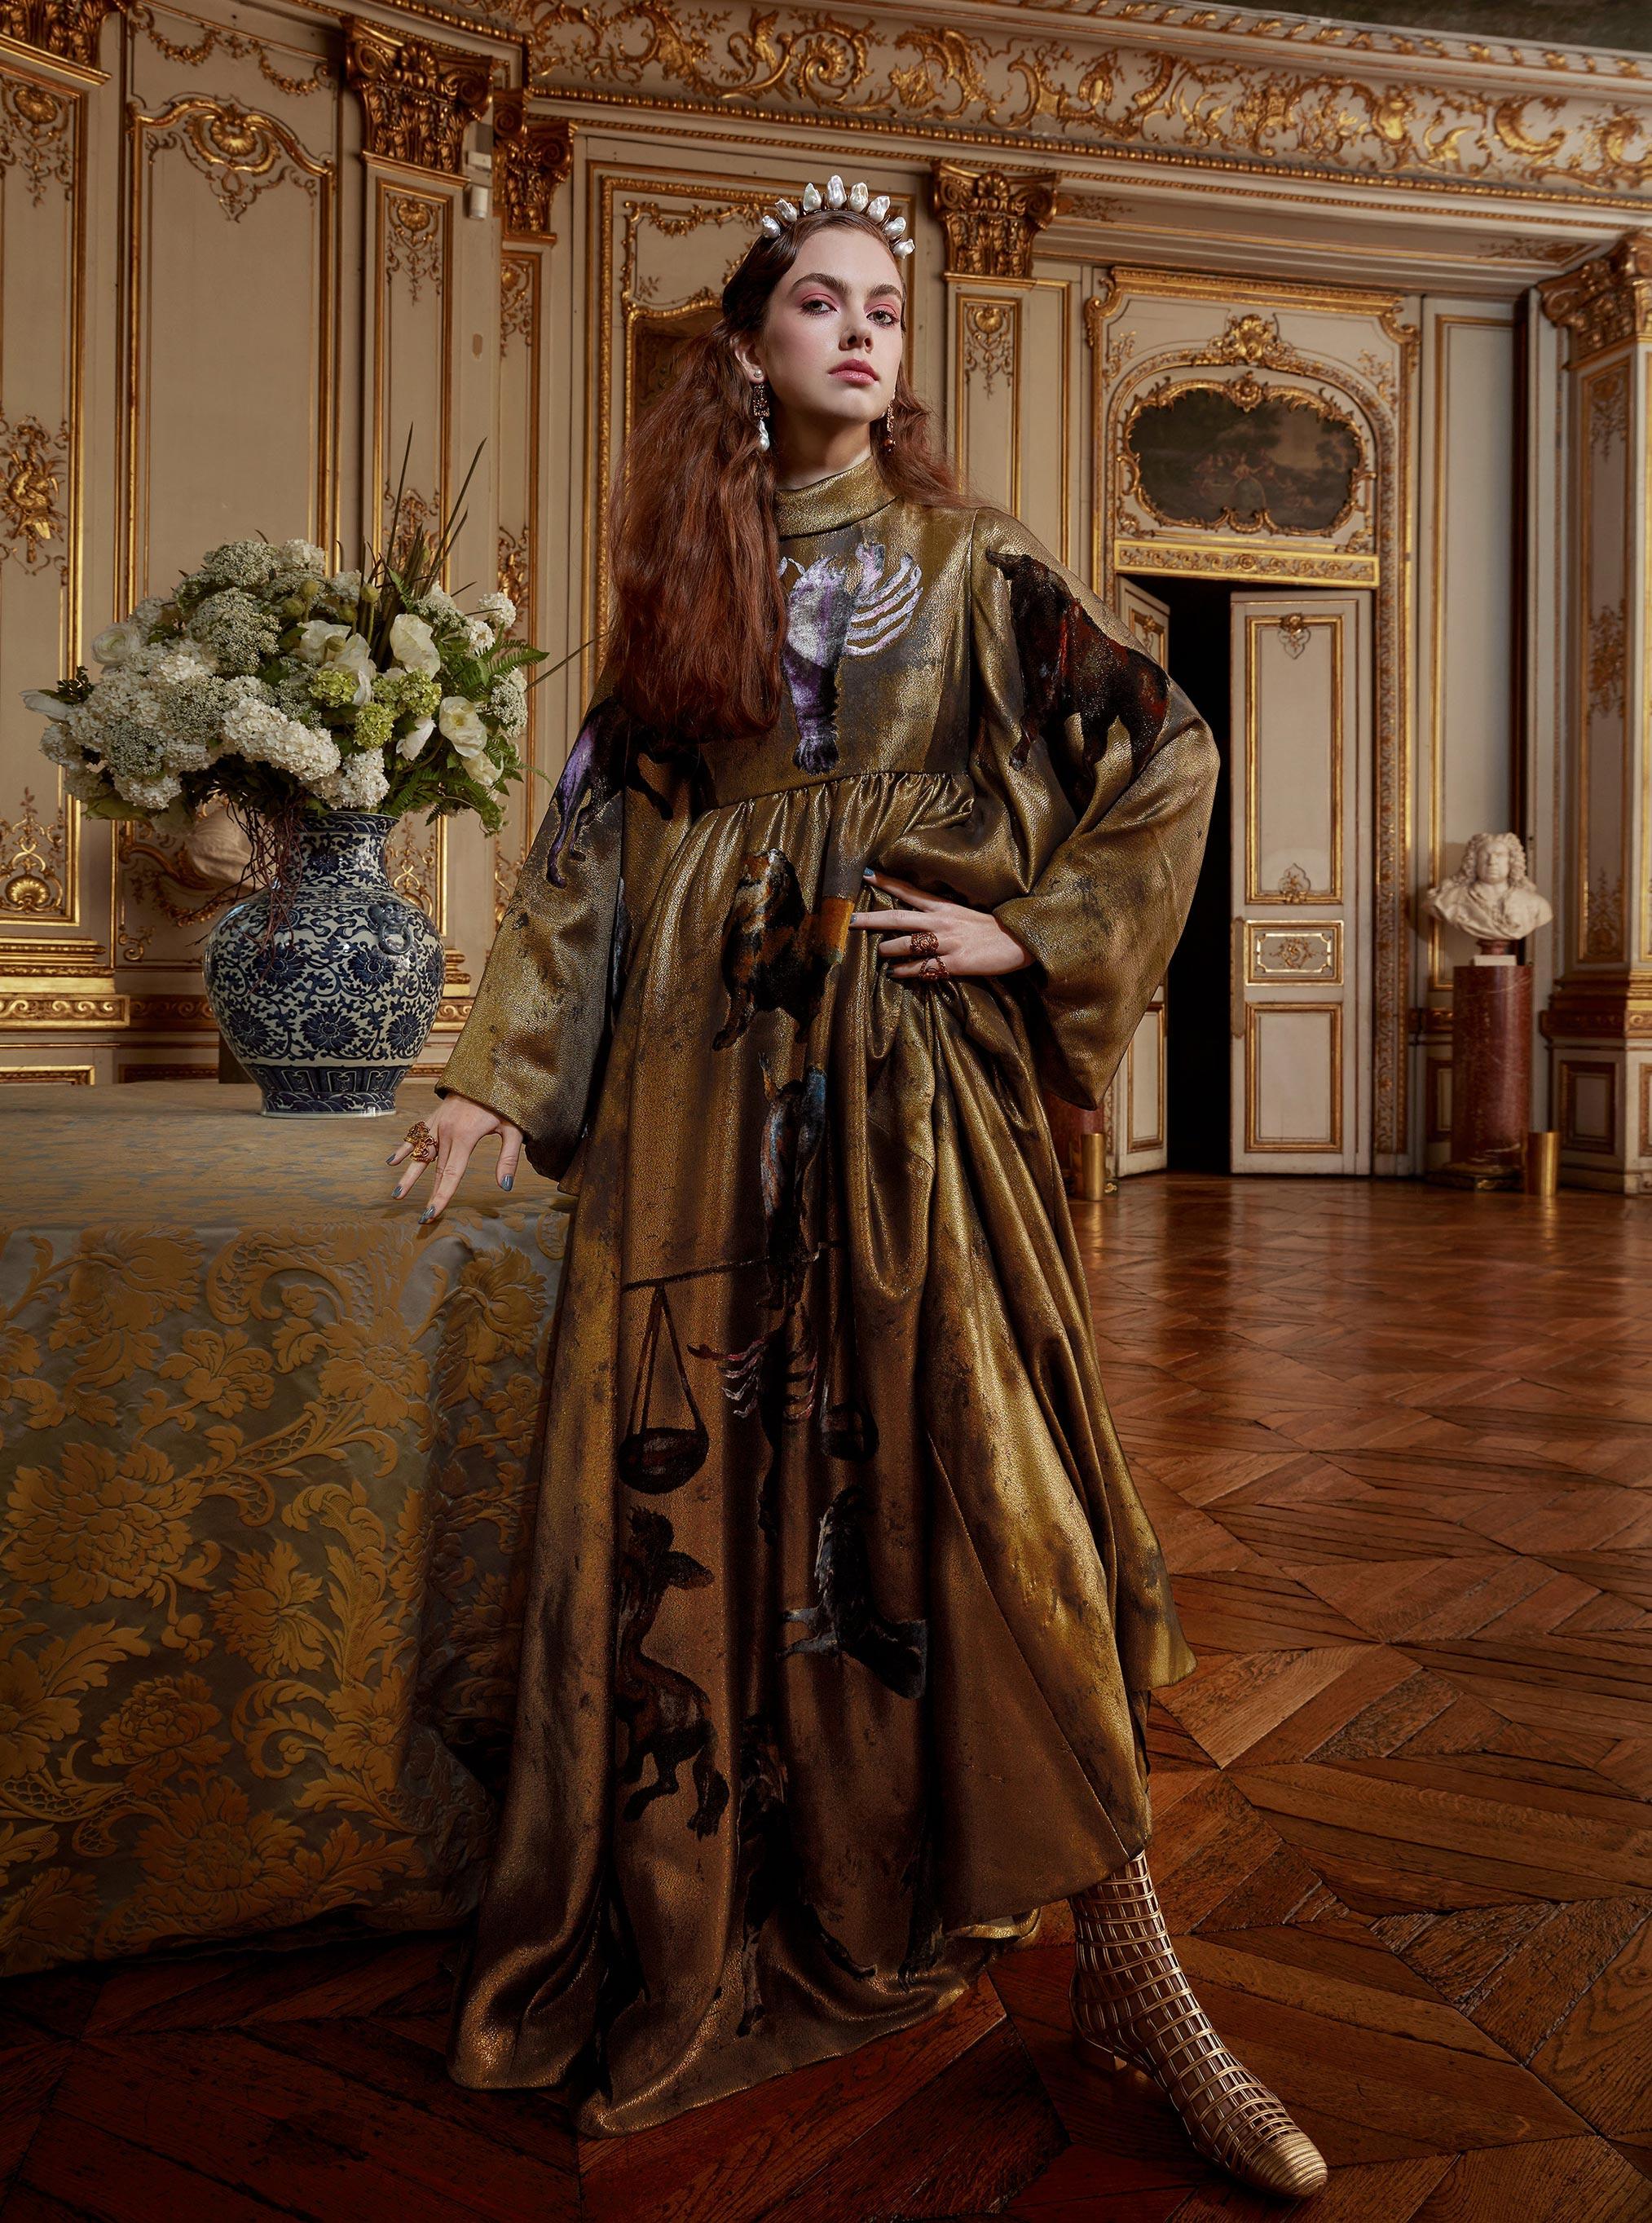 Лоана Жульен демонстрирует образцы высокой моды / фото 13